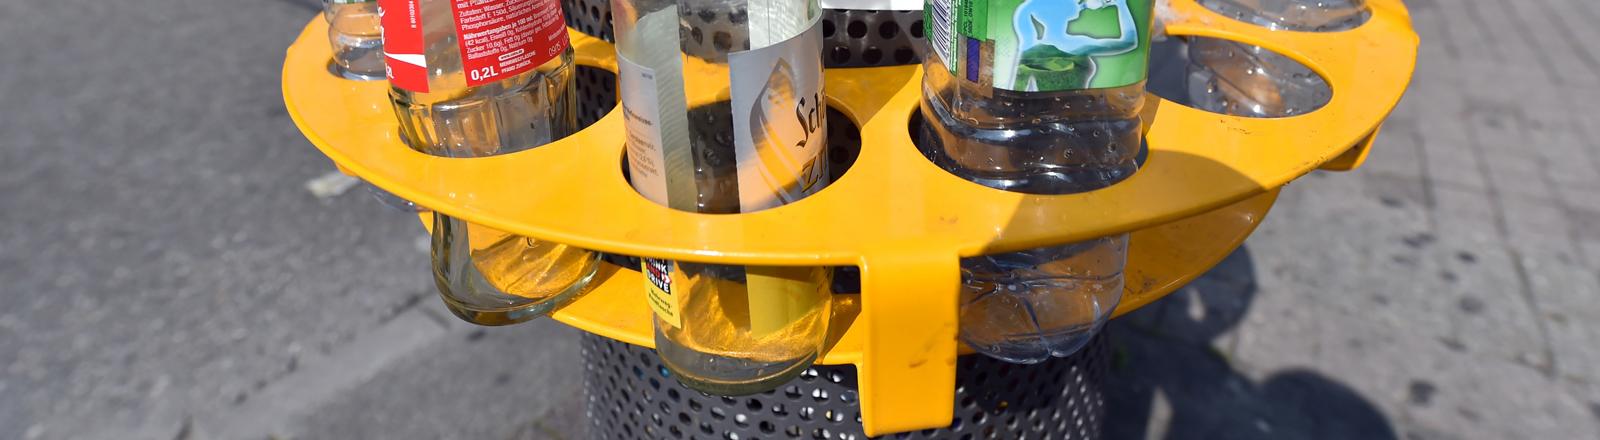 Pfandring, der um einen Mülleimer im öffentlichen Raum hängt.